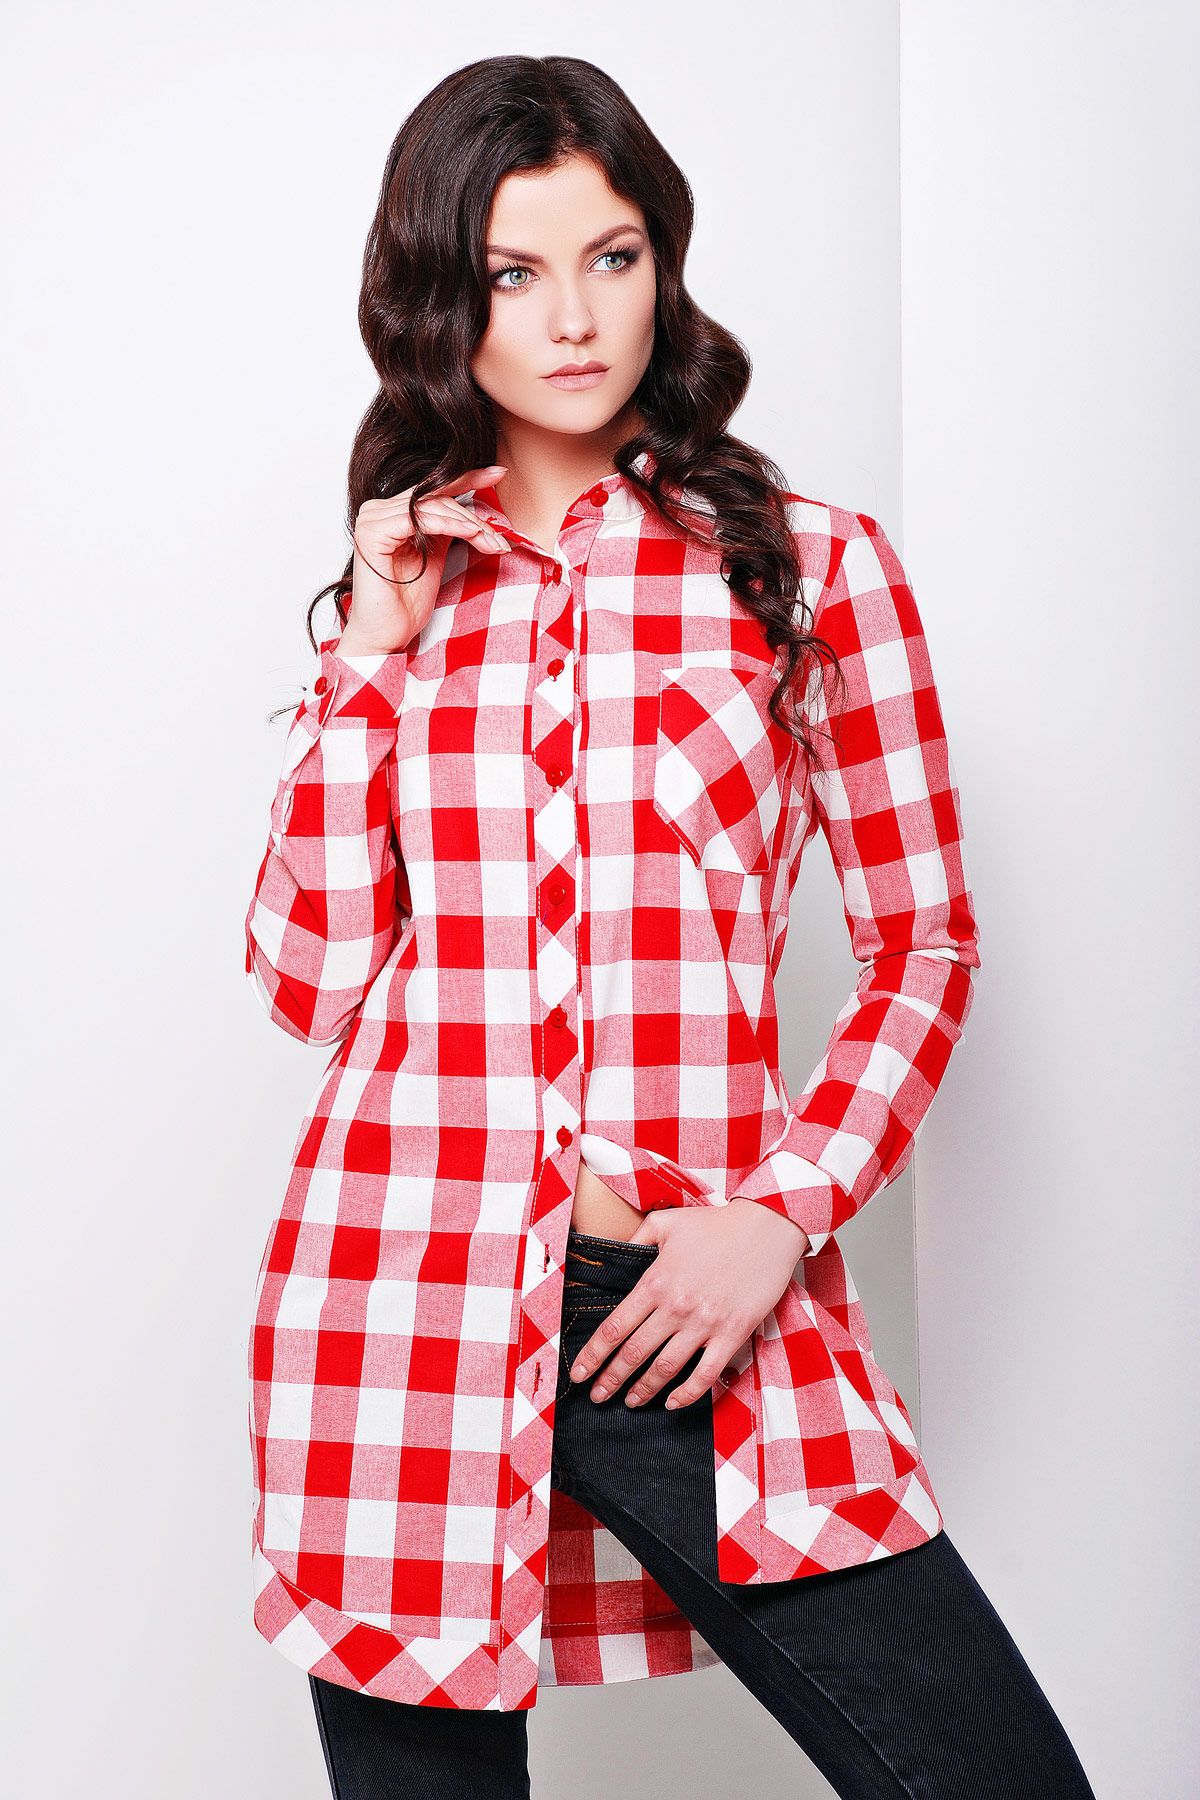 745e62d0e87 Женские блузки из бязи  купить в Украине недорого